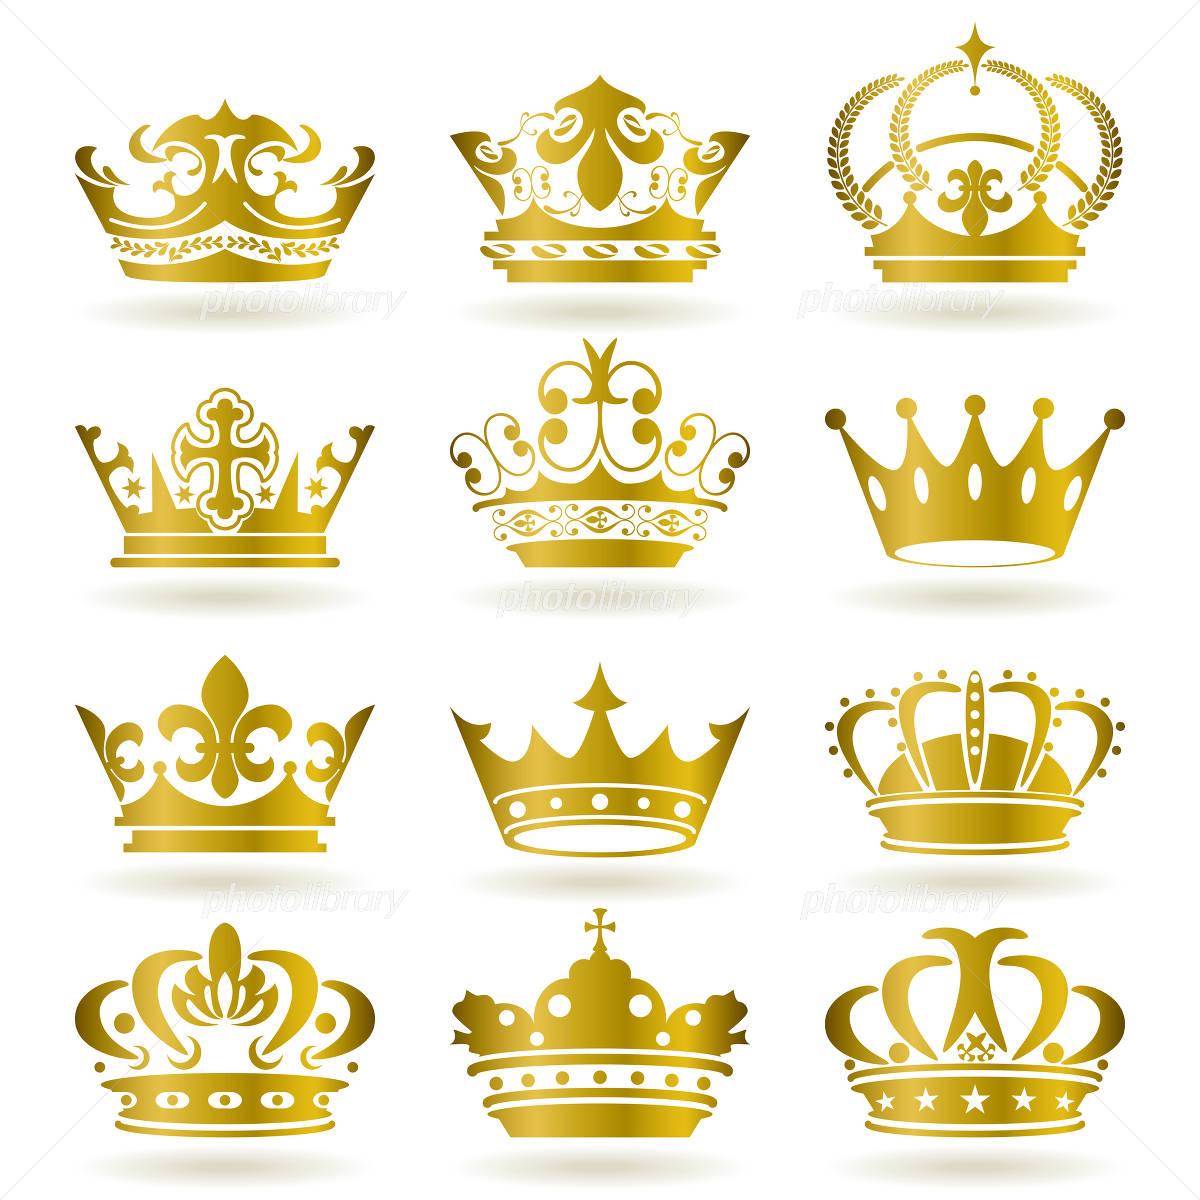 王冠 イラスト素材 980210 フォトライブラリー Photolibrary